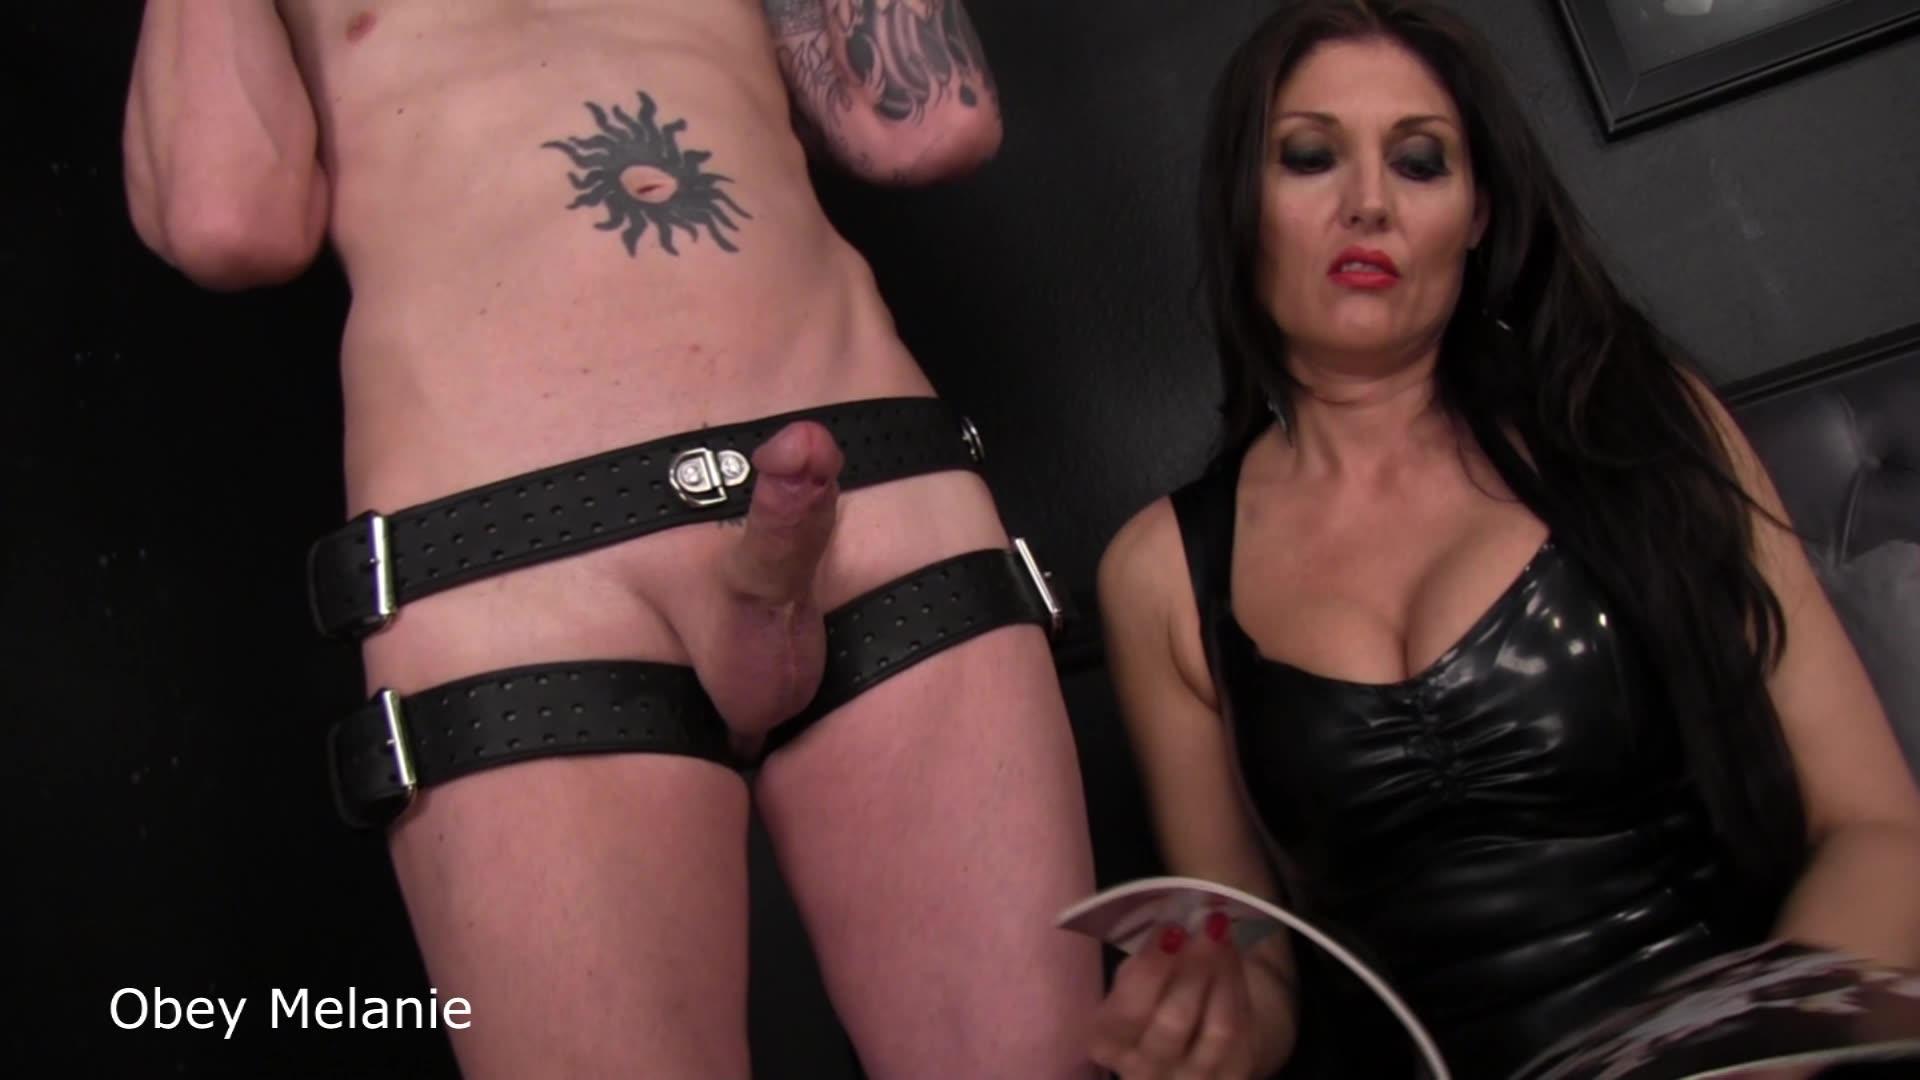 Obey mistress captions mega porn pics